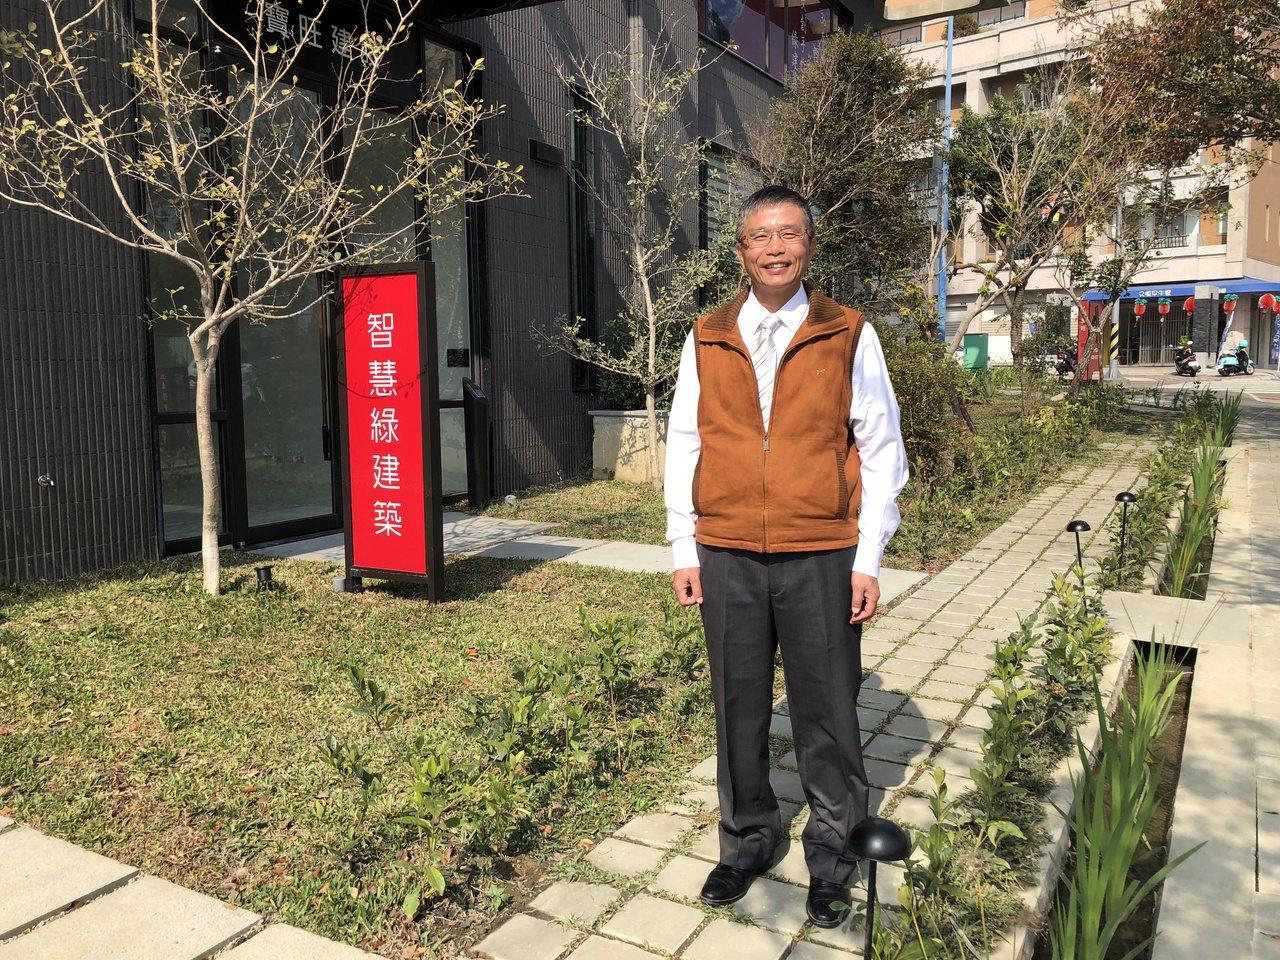 寶旺建設總經理劉明宗說,走在景觀水道旁,從耳邊傳來涓涓的流水聲,讓人放鬆心情彷彿...